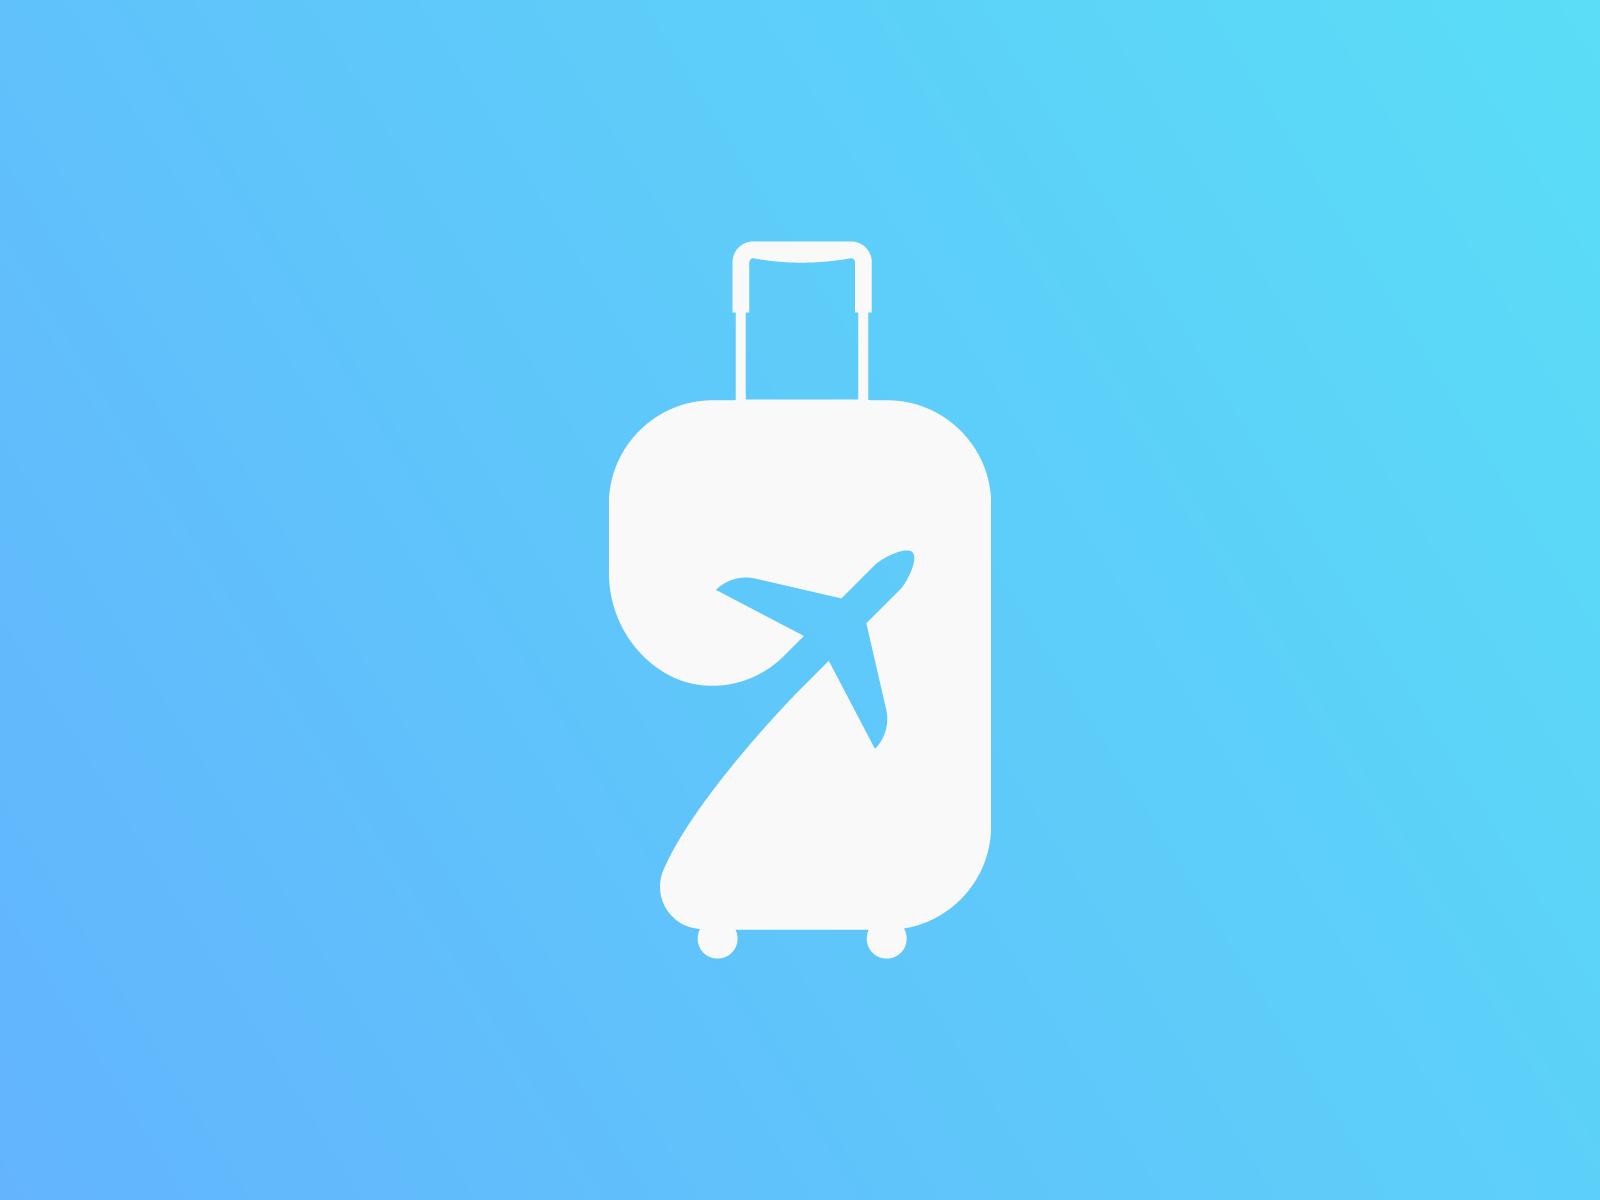 Travel Agency - Logo Concept by Jesús Díaz on Dribbble